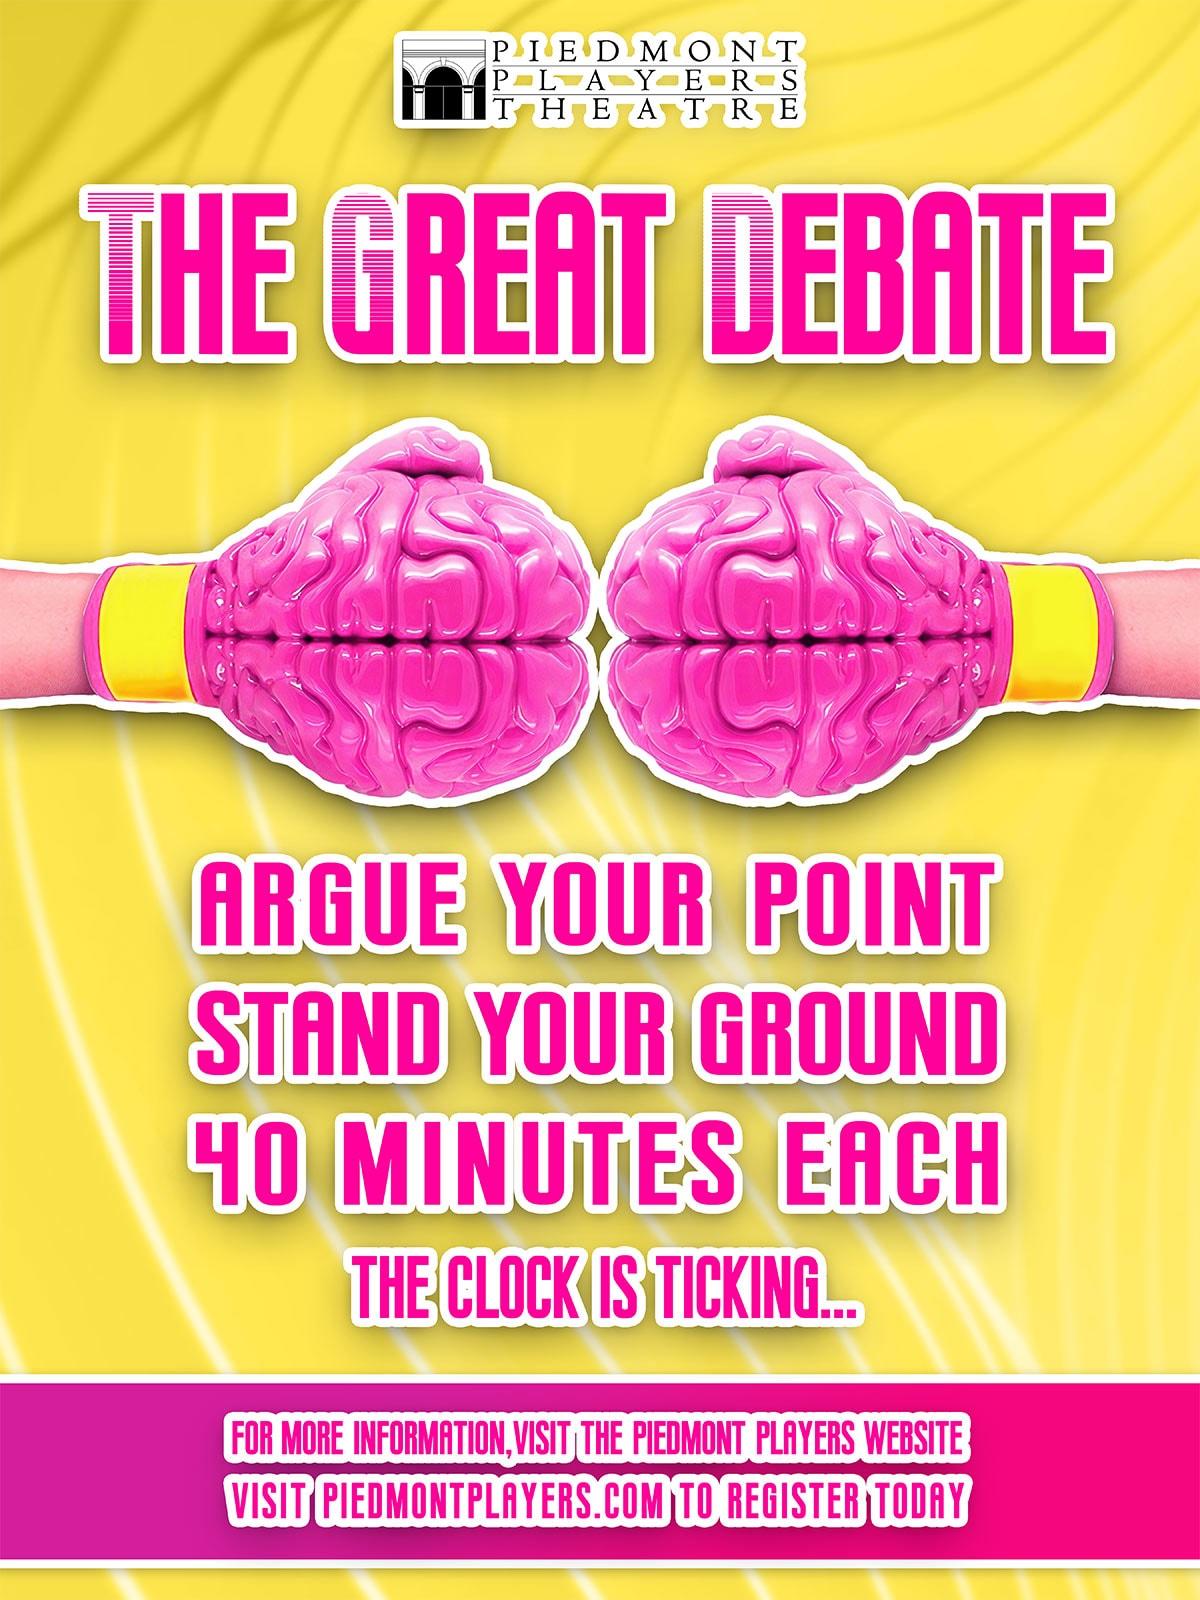 The Great Debate-poster